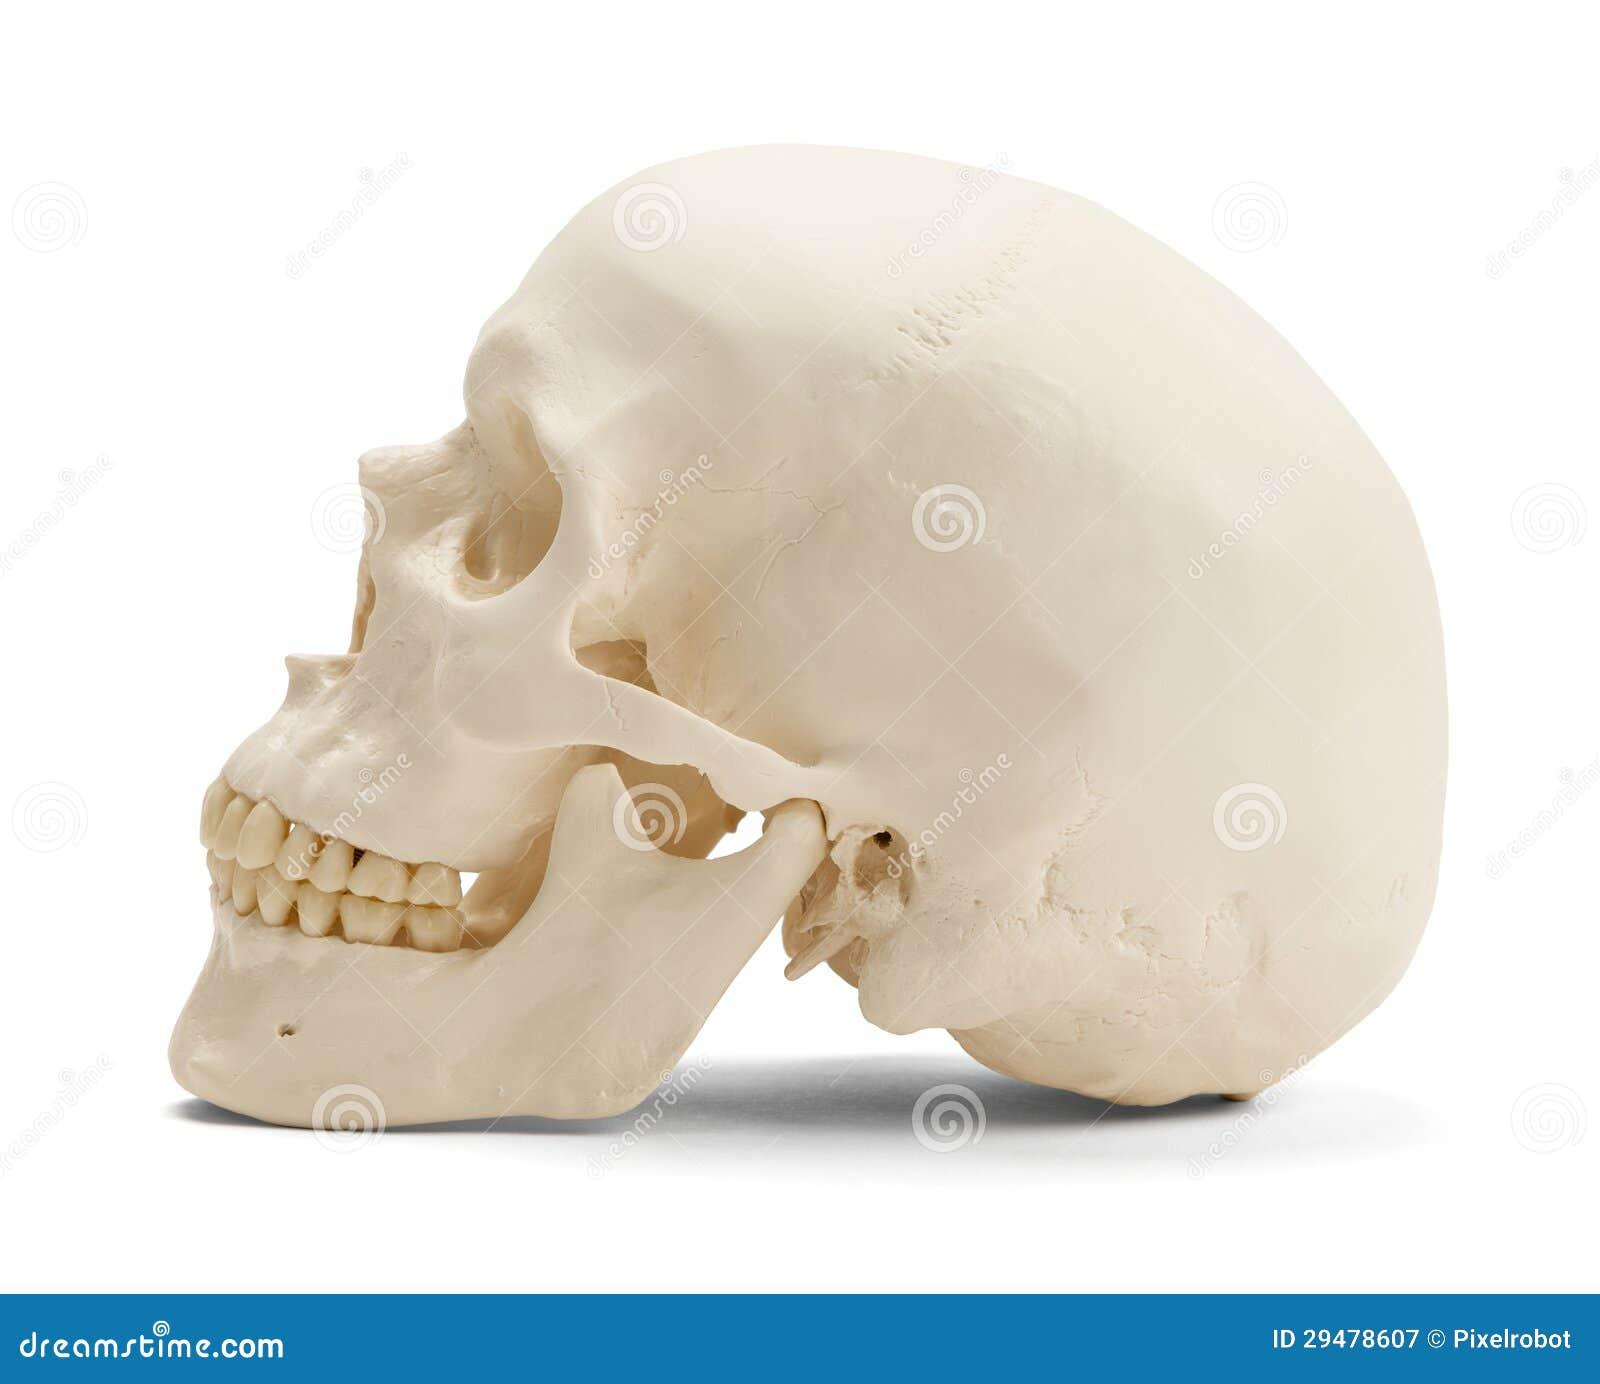 Ausgezeichnet Schädel Diagramme Zeitgenössisch - Anatomie Ideen ...